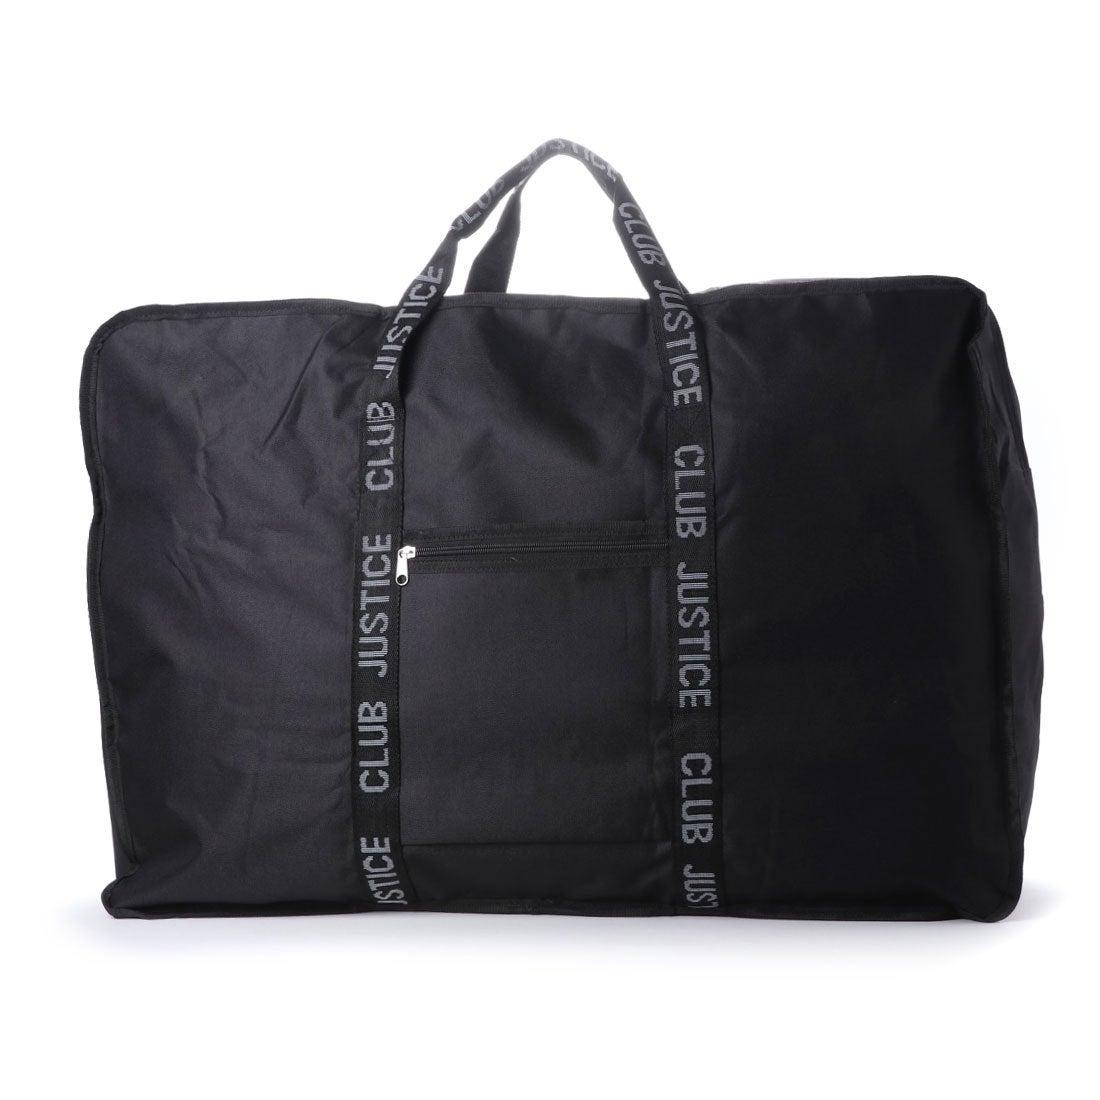 ロコンド 靴とファッションの通販サイトヴィータフェリーチェ VitaFelice 収納量86L/バッカブル ボストンバッグ メンズ レディースビッグトートバッグ 折りたたみ 旅行バッグ アウトドア (BLACK)